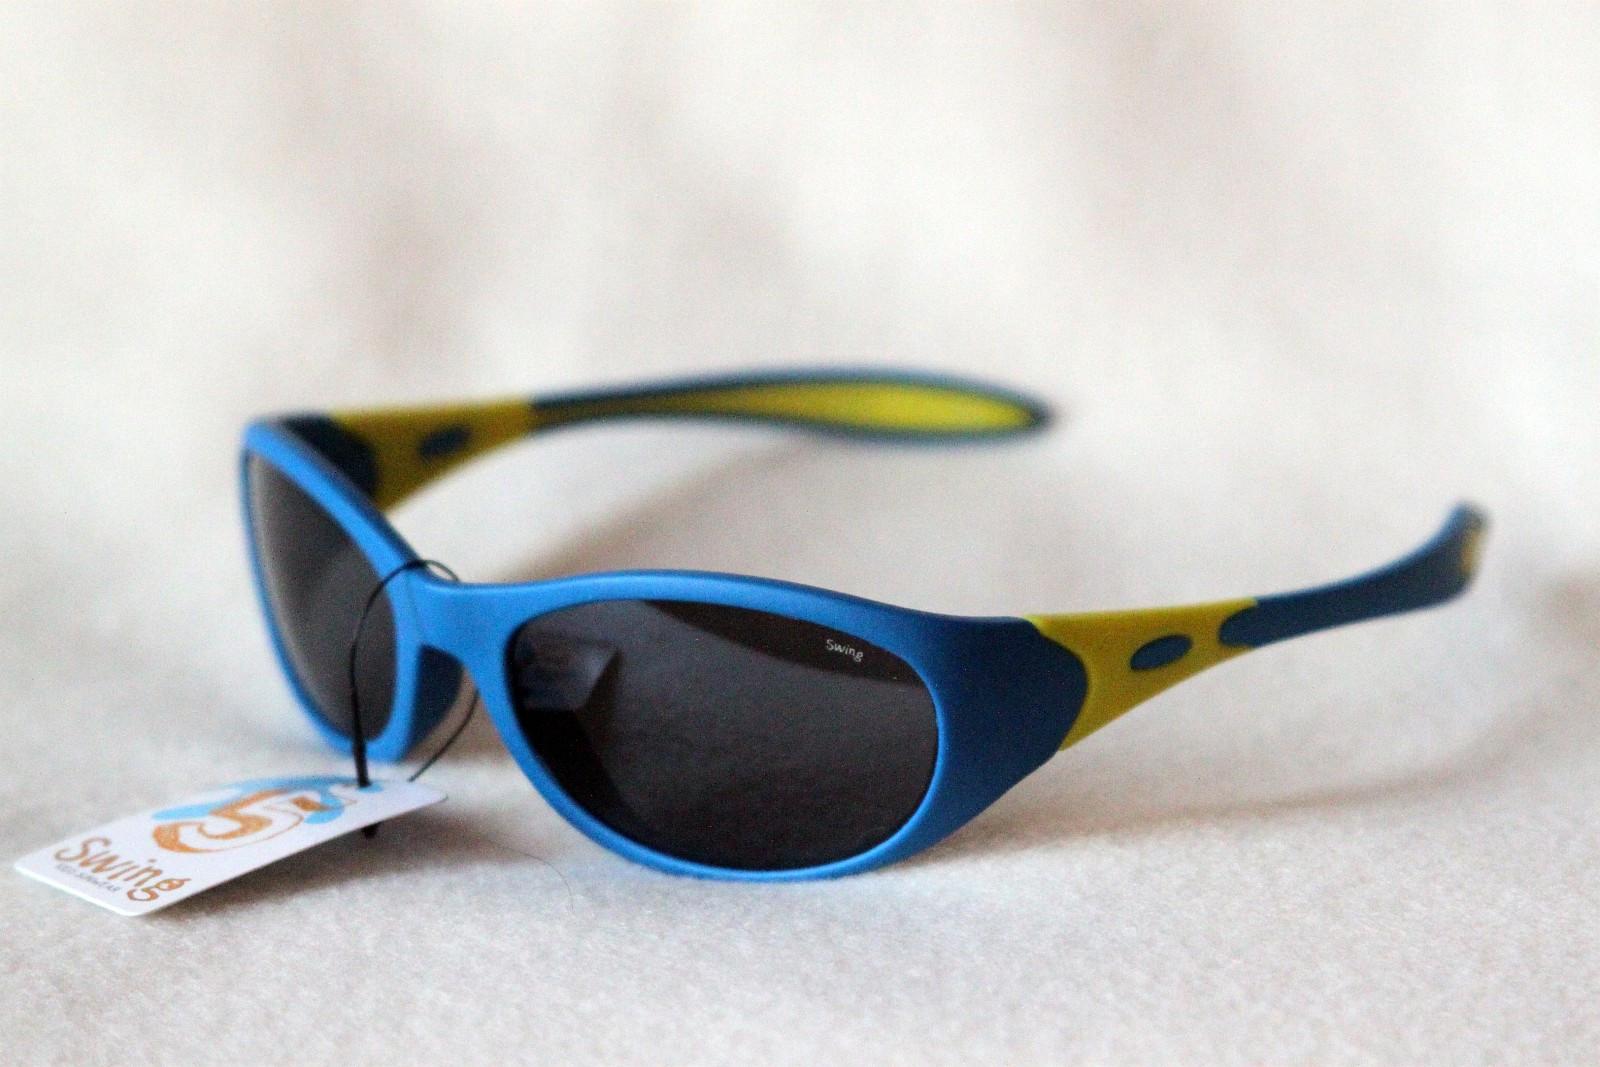 Solbriller Over Briller Strømmen Lillestrøm | bedrifter